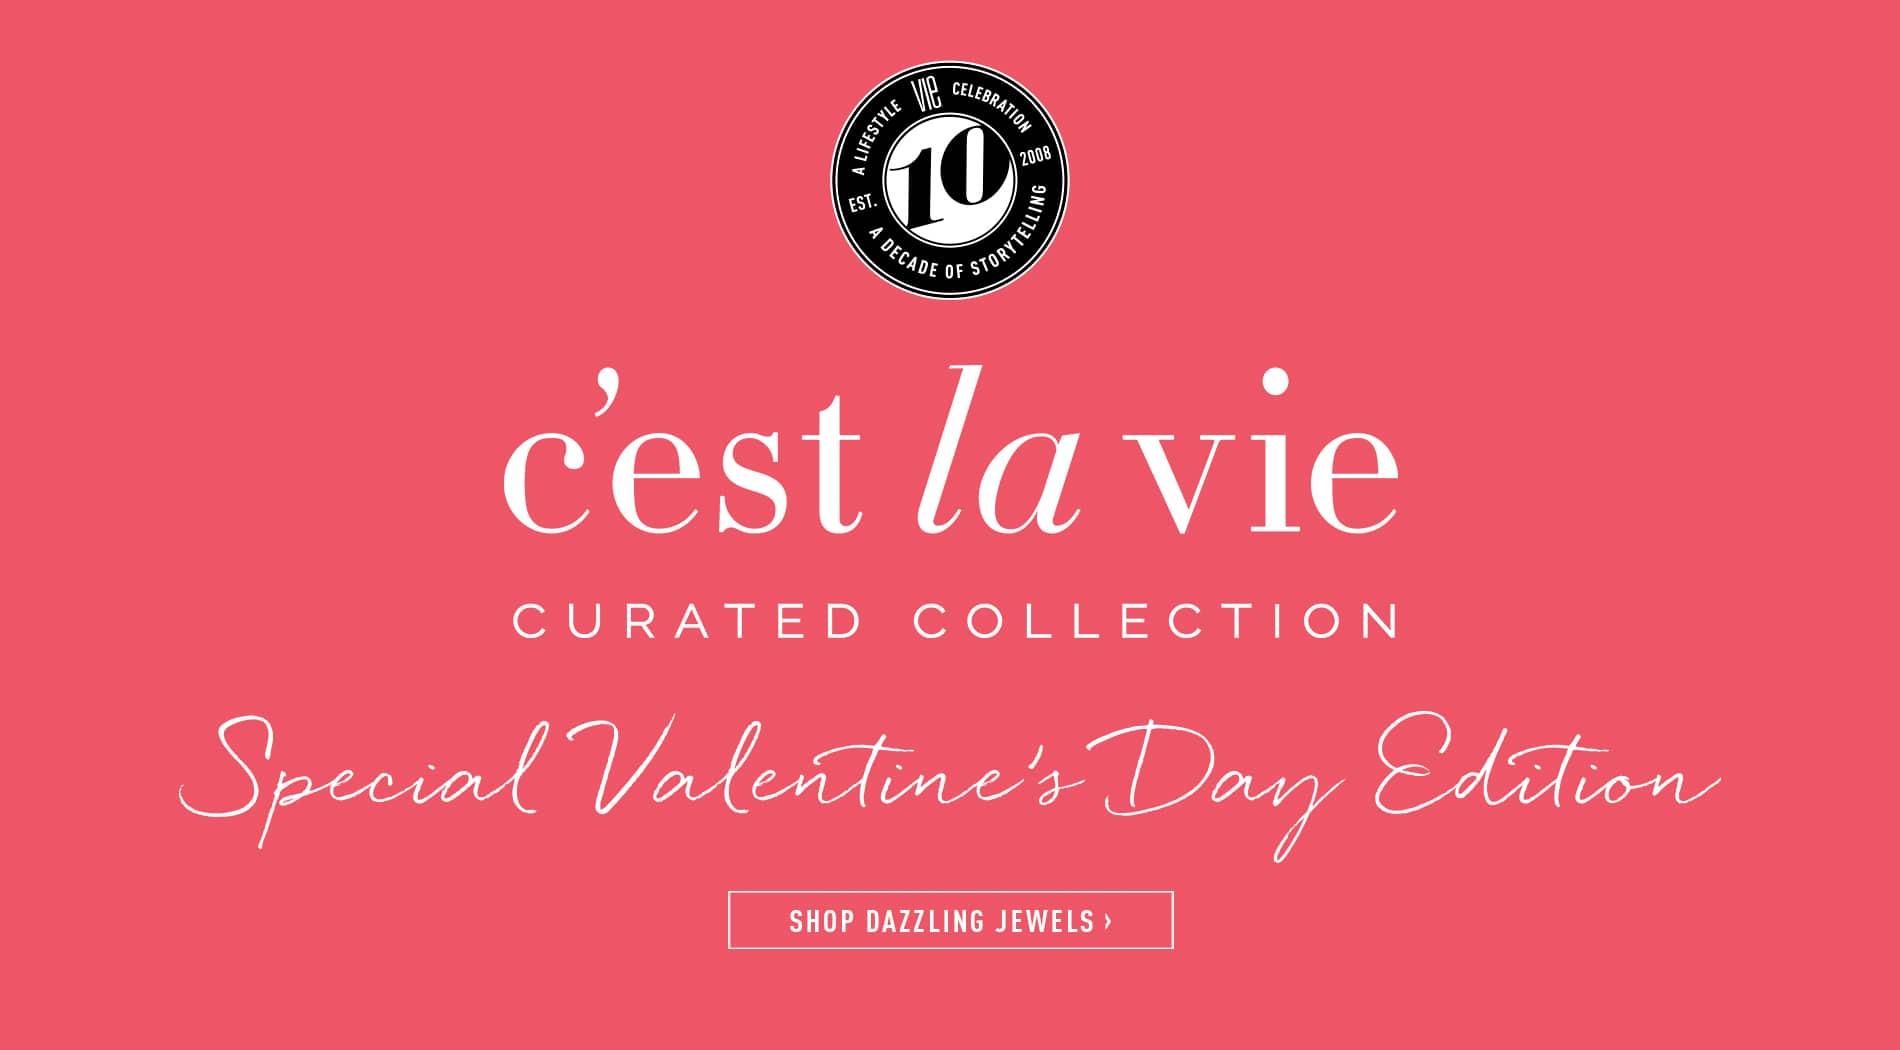 VIE Magazine Destination Travel Cest la VIE Special Valentine's Day Edition Dazzling Jewels